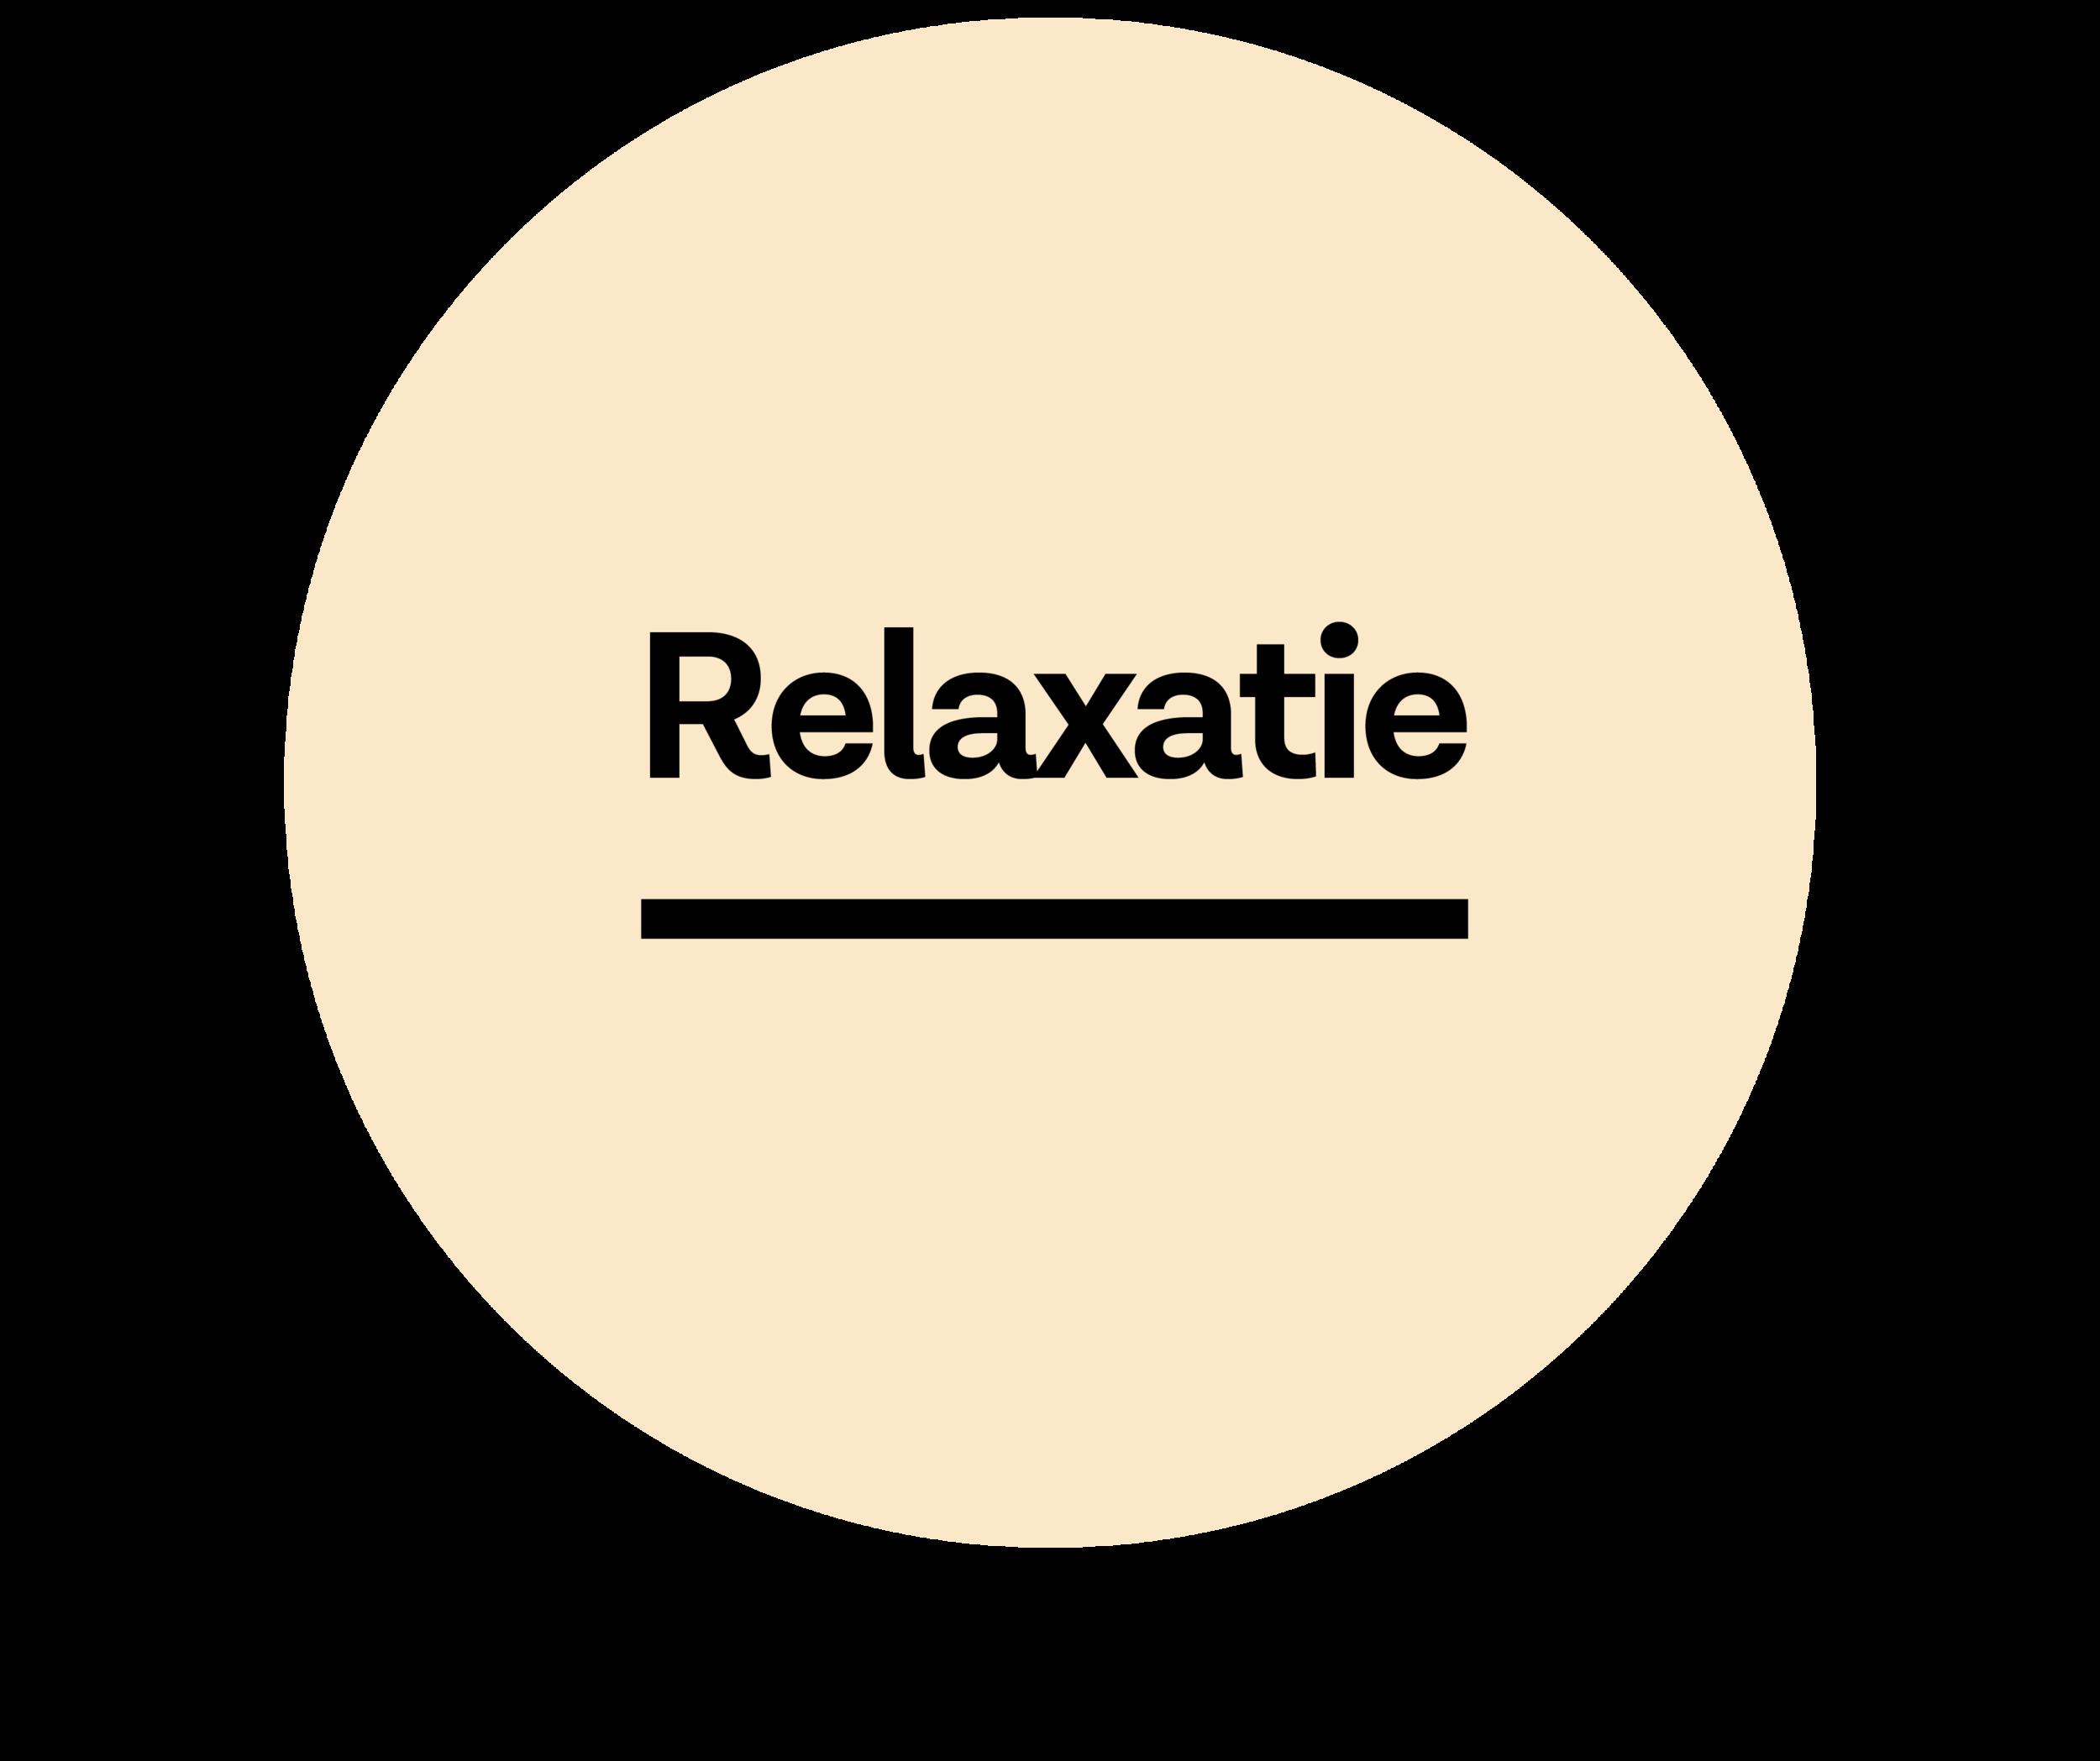 test-icoon-relax_Tekengebied 1.png